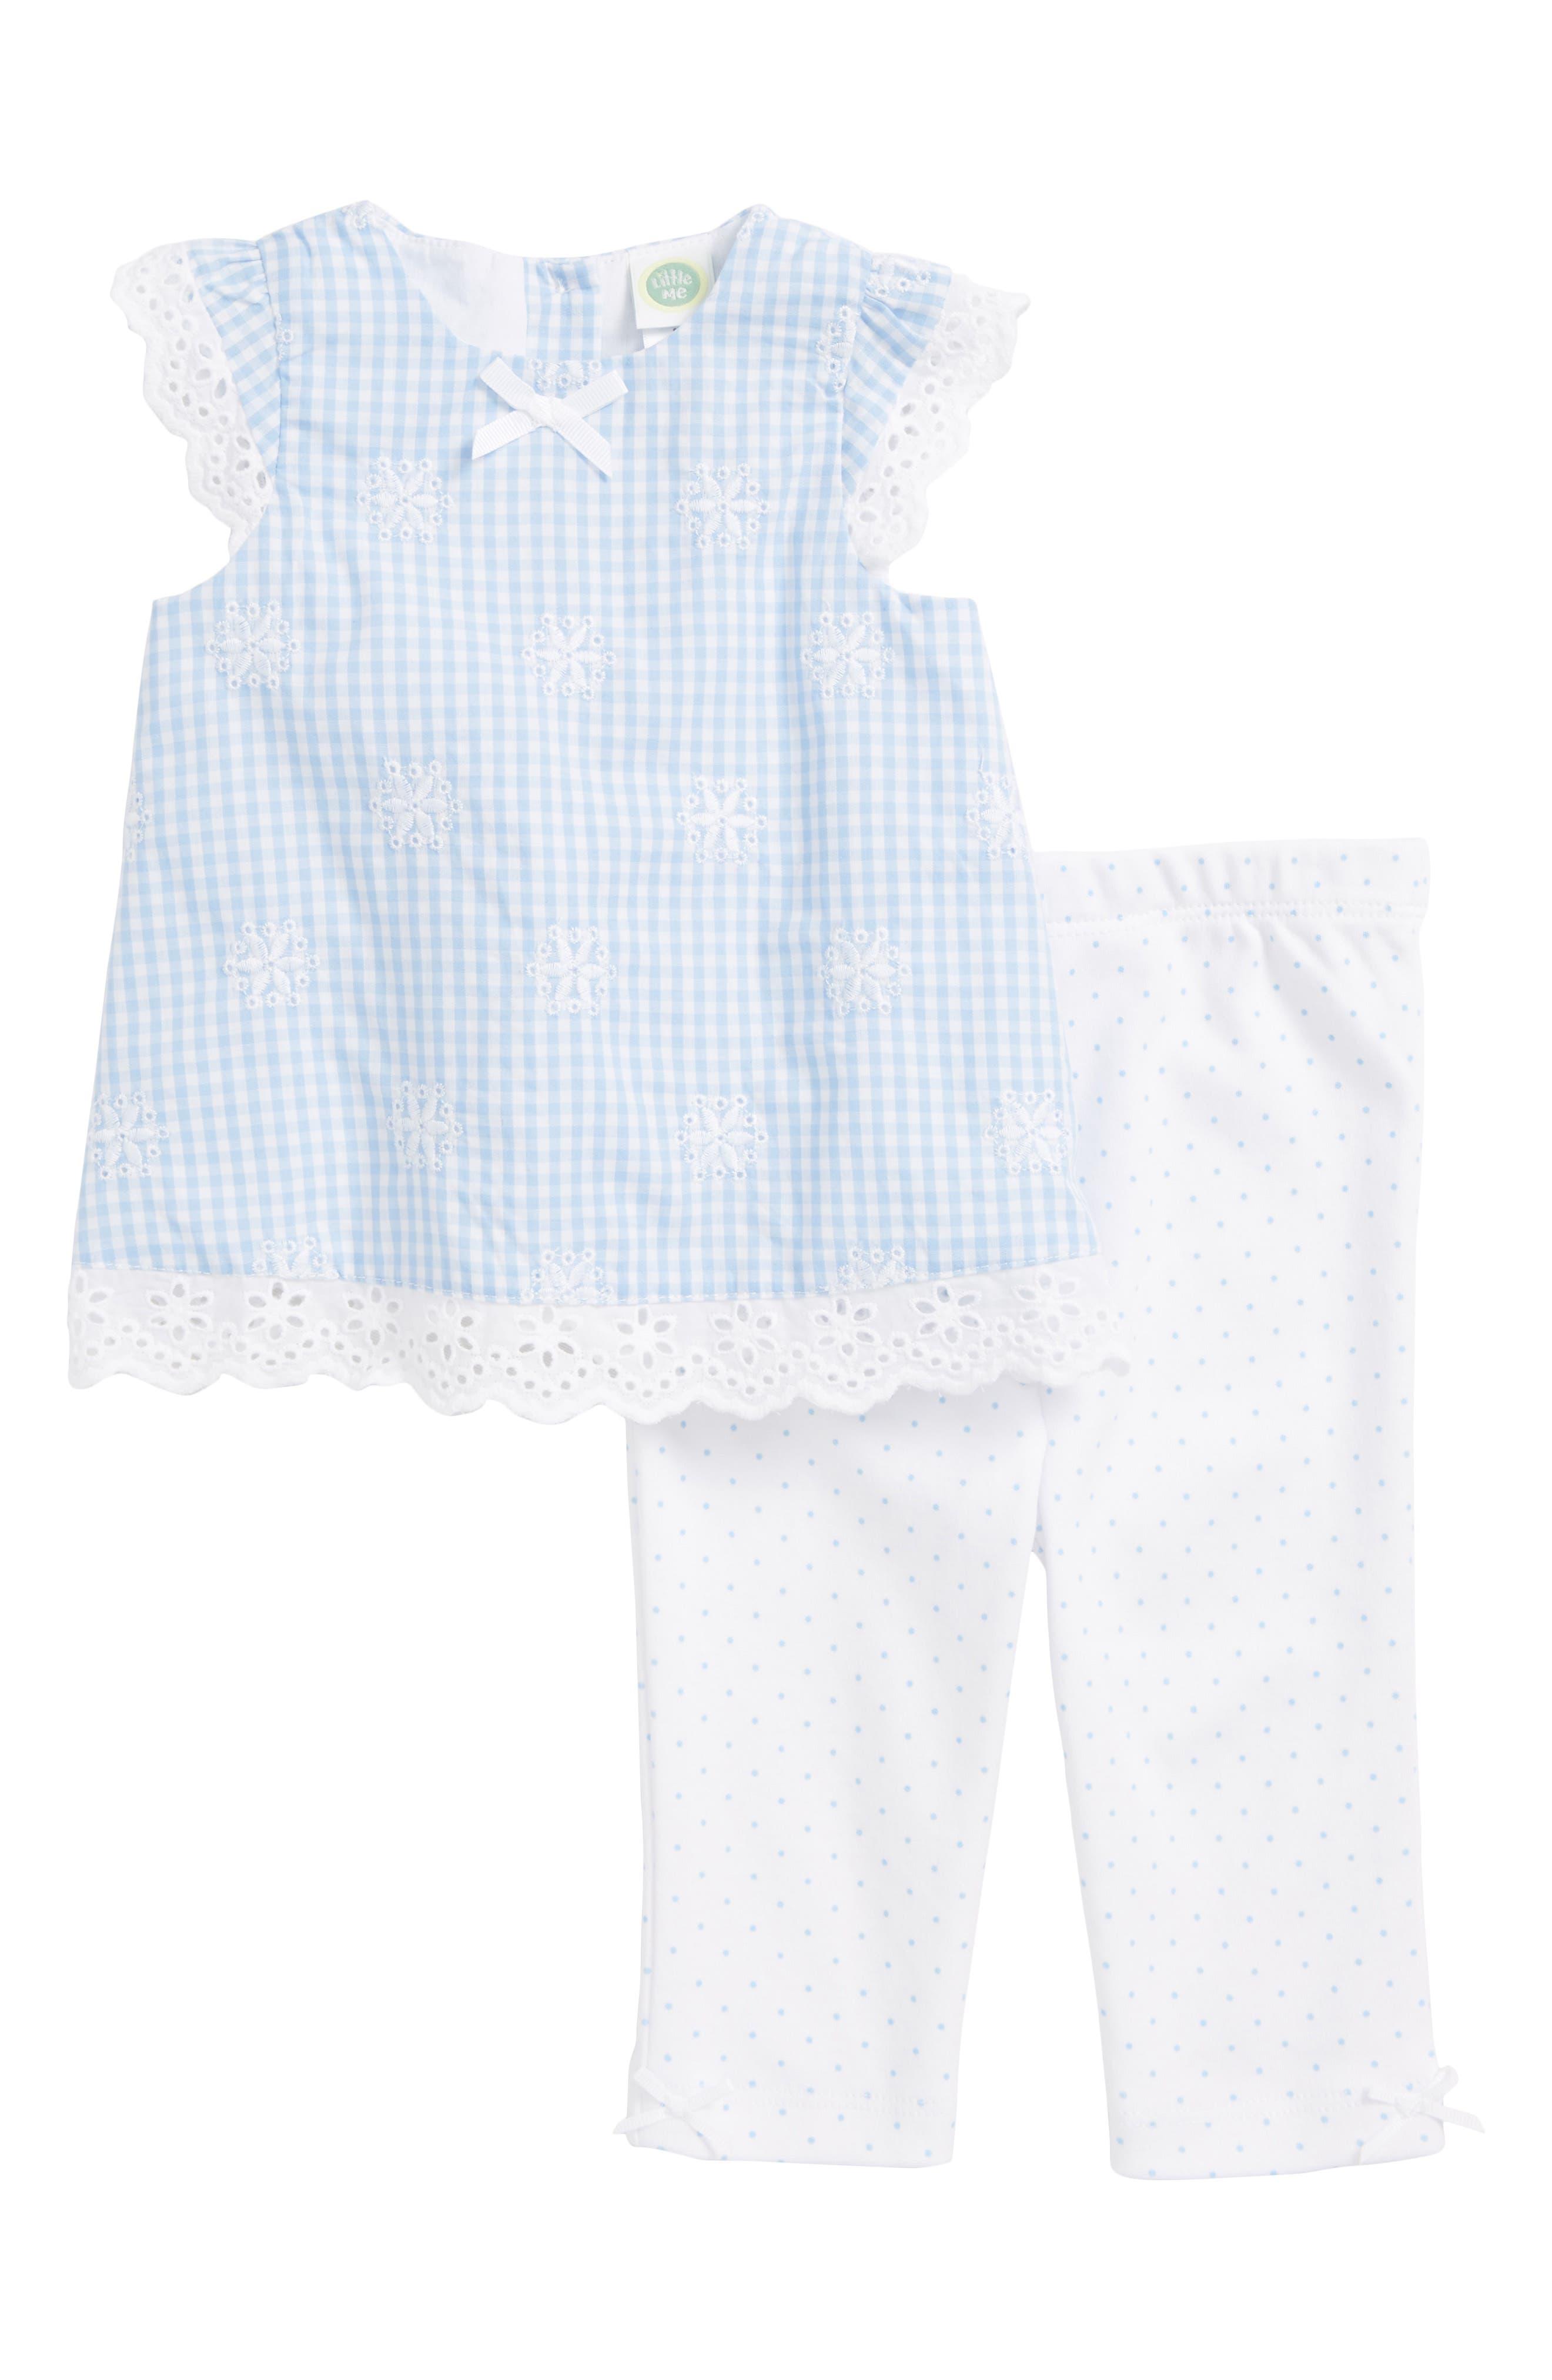 Little Me Gingham Eyelet Woven Tunic, Leggings & Headband Set (Baby Girls)